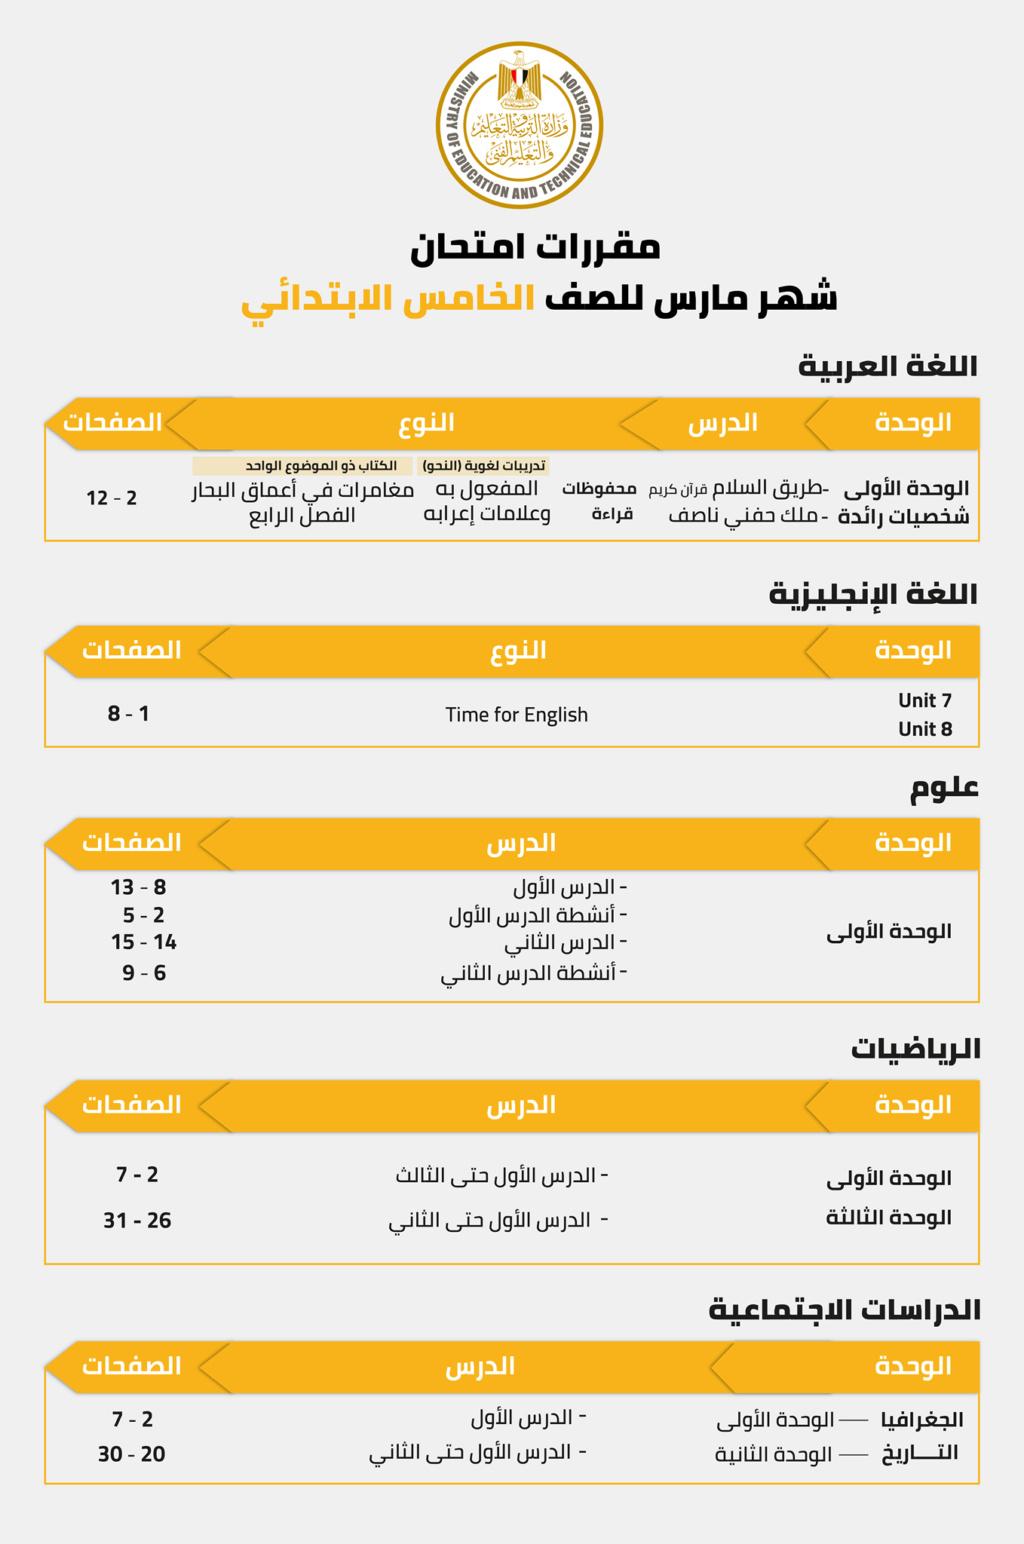 مقررات امتحان شهر مارس للصفوف من الرابع الابتدائي الى الثاني الاعدادي 5128